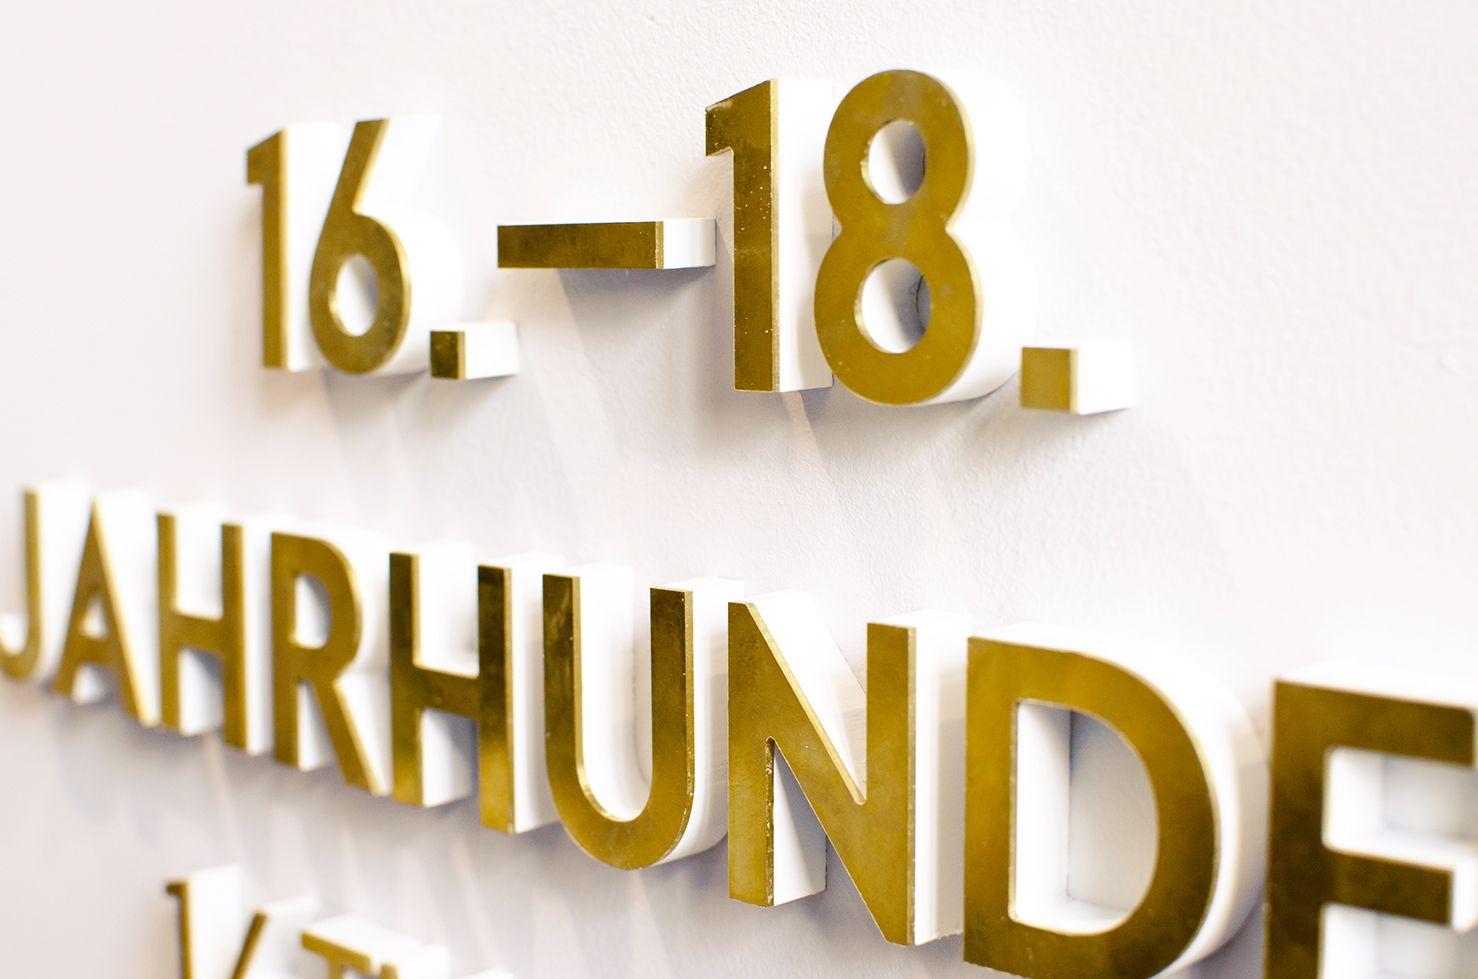 Gourdin Muller Gemaldegalerie Alte Meister Dresden Signage Wayfinding System Signaletik Leitsystem Orientie Leitsysteme Schilder Design Zeichenentwurf